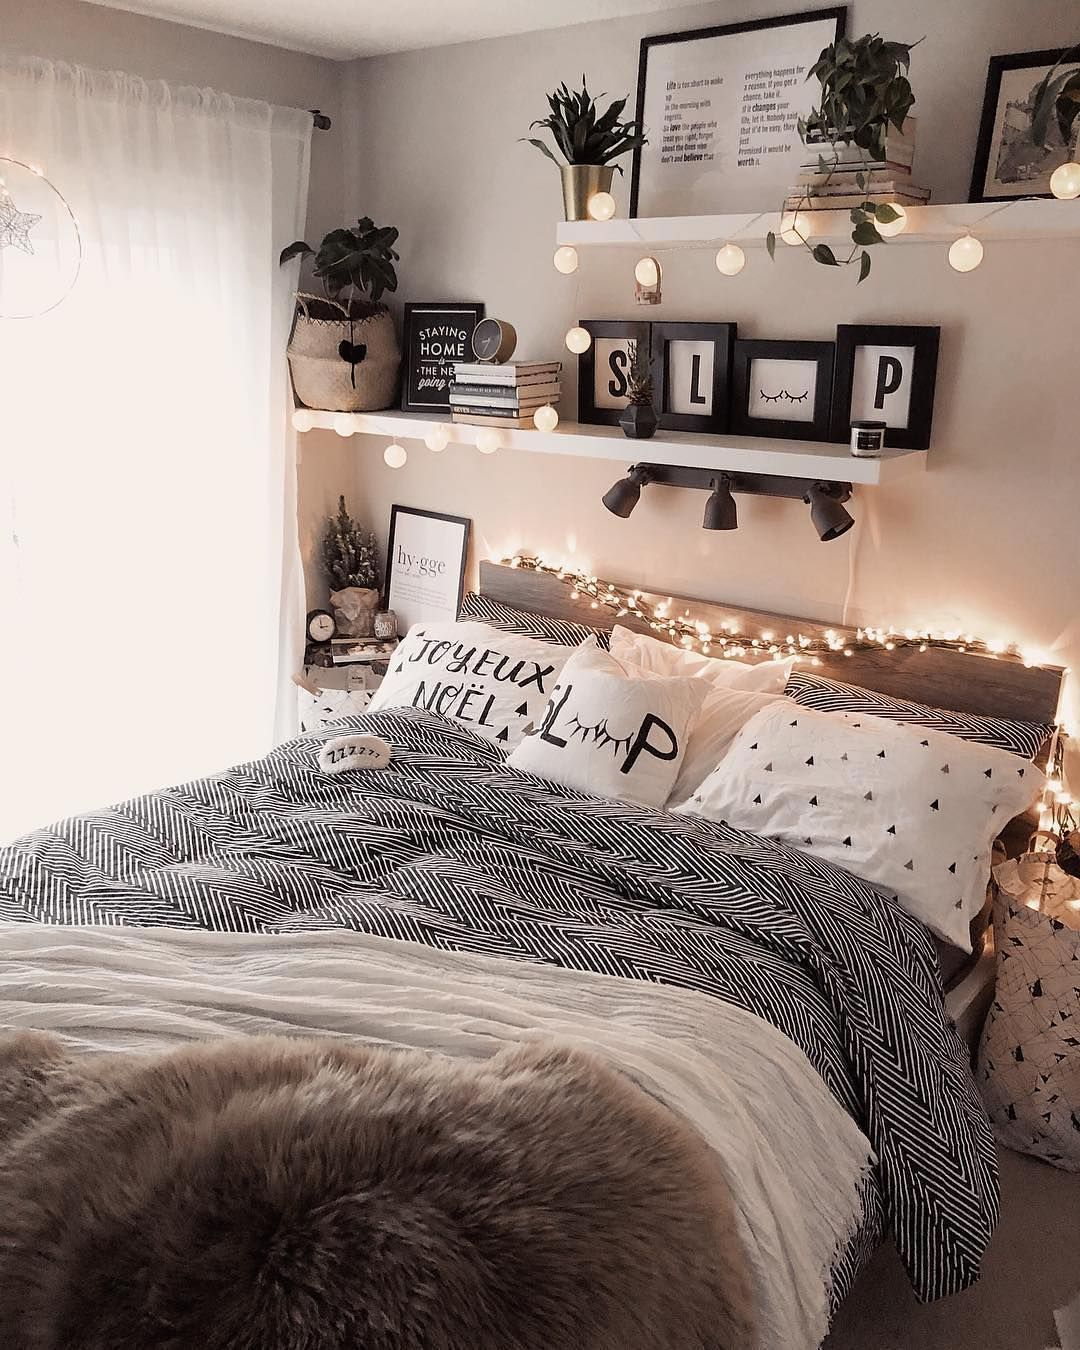 Tumblr Zimmer Inspiration: 50 tolle Schlafzimmer Deko Ideen für Teenager! - #Deko #für #Ideen #Inspiration #Schlafzimmer #teenager #tolle #Tumblr #zimmer #fairylights